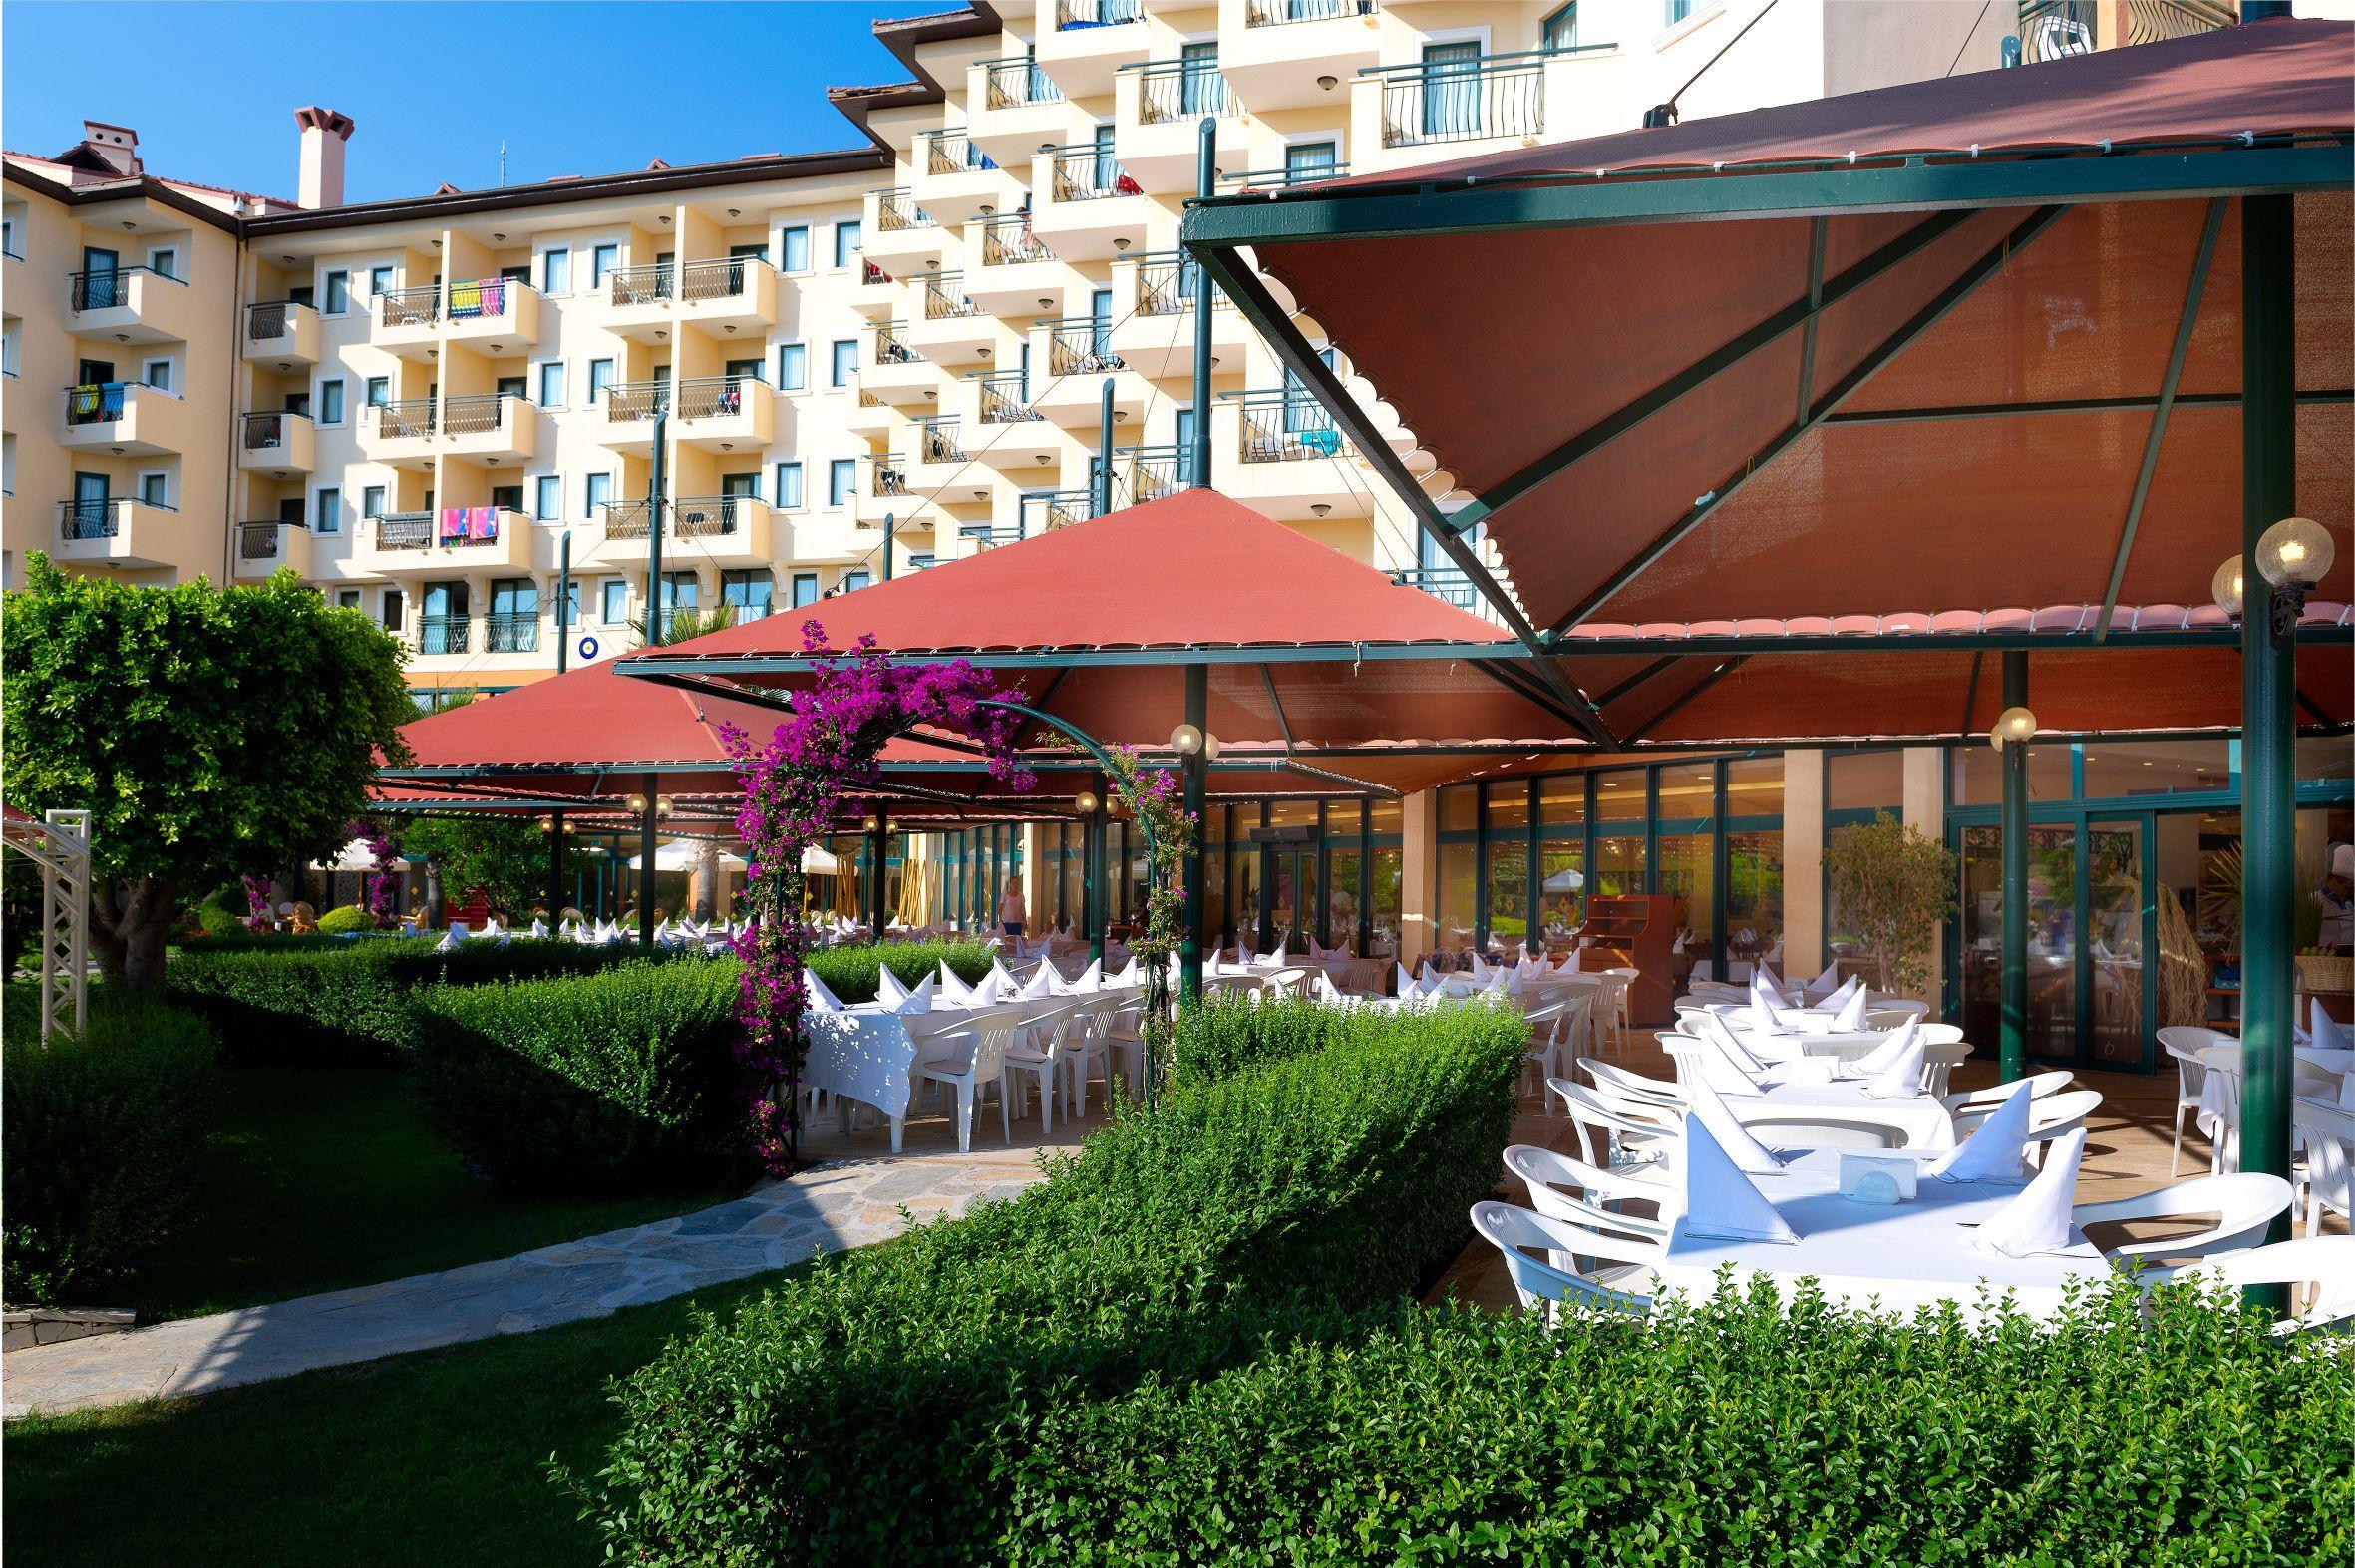 http://www.orextravel.sk/OREX/hotelphotos/miramare-queen-hotel-general-0077.jpg